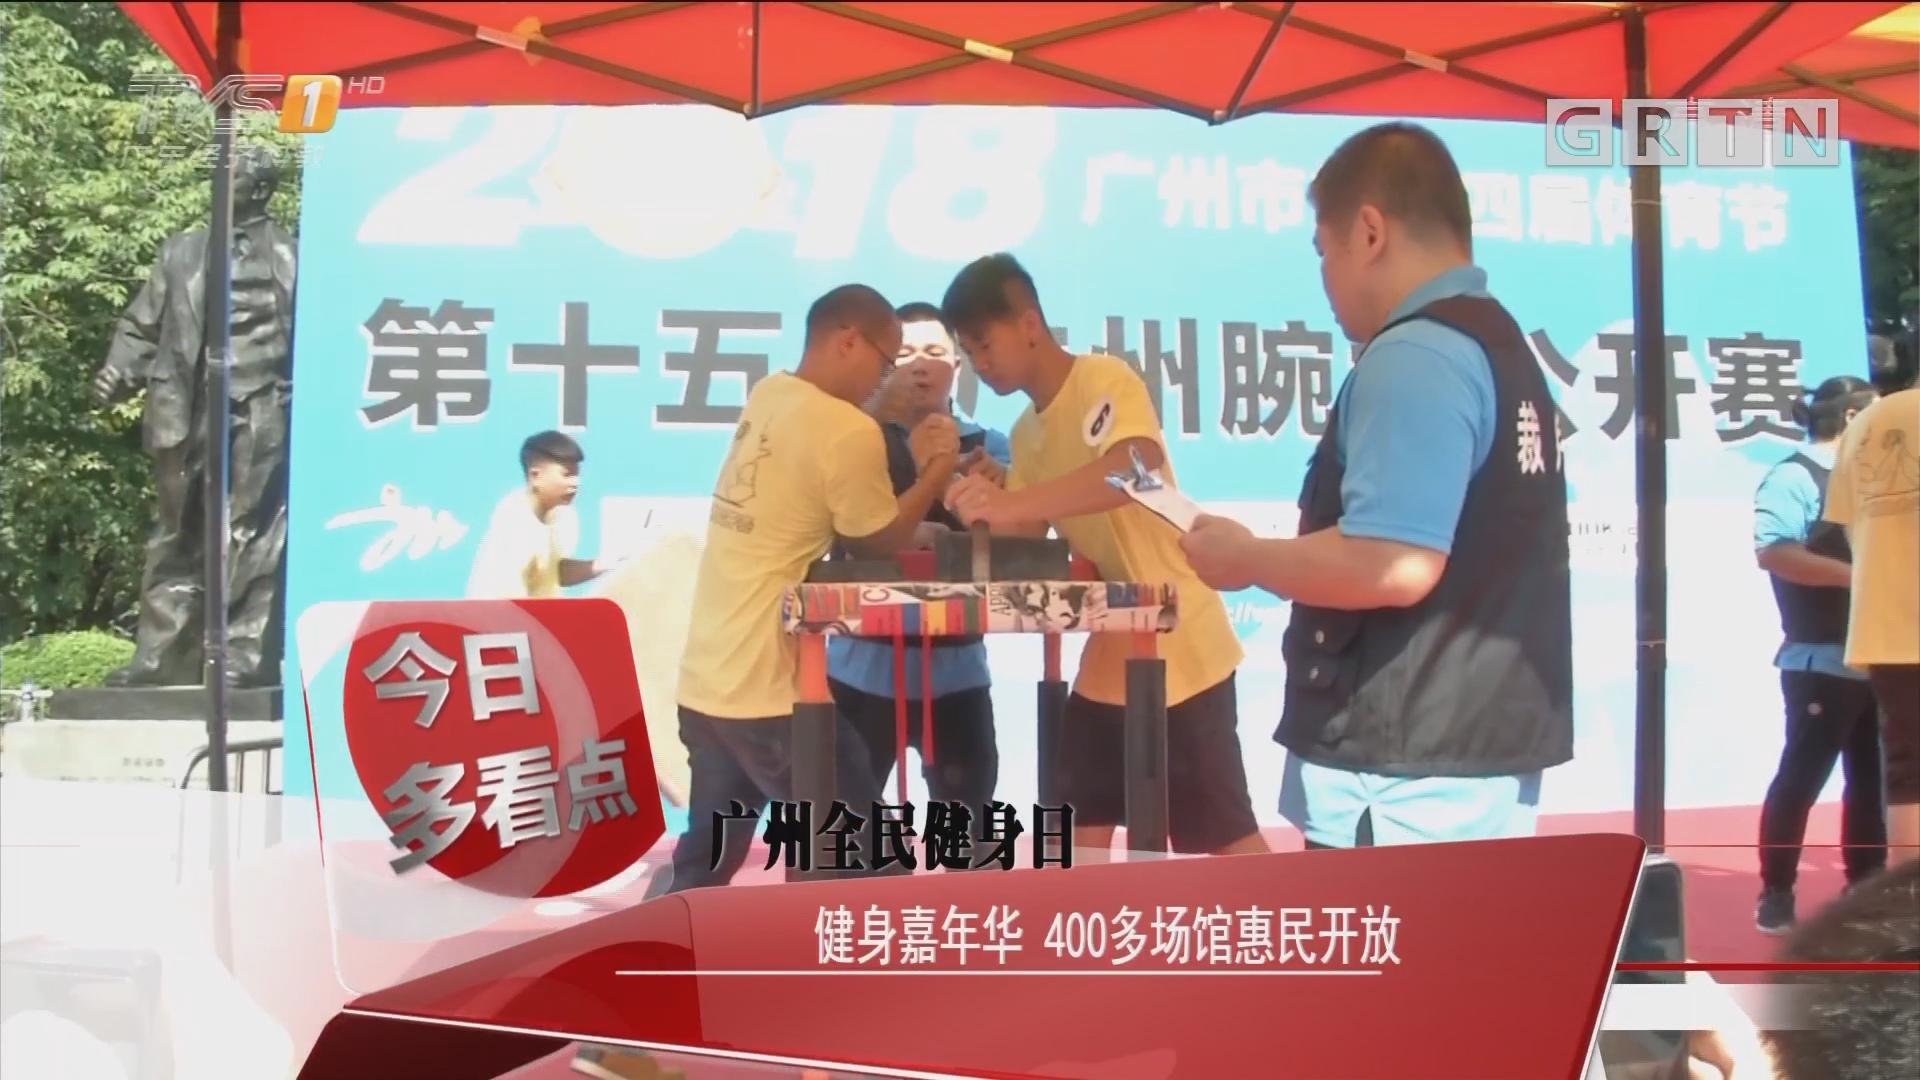 广州全民健身日:健身嘉年华 400多场馆惠民开放